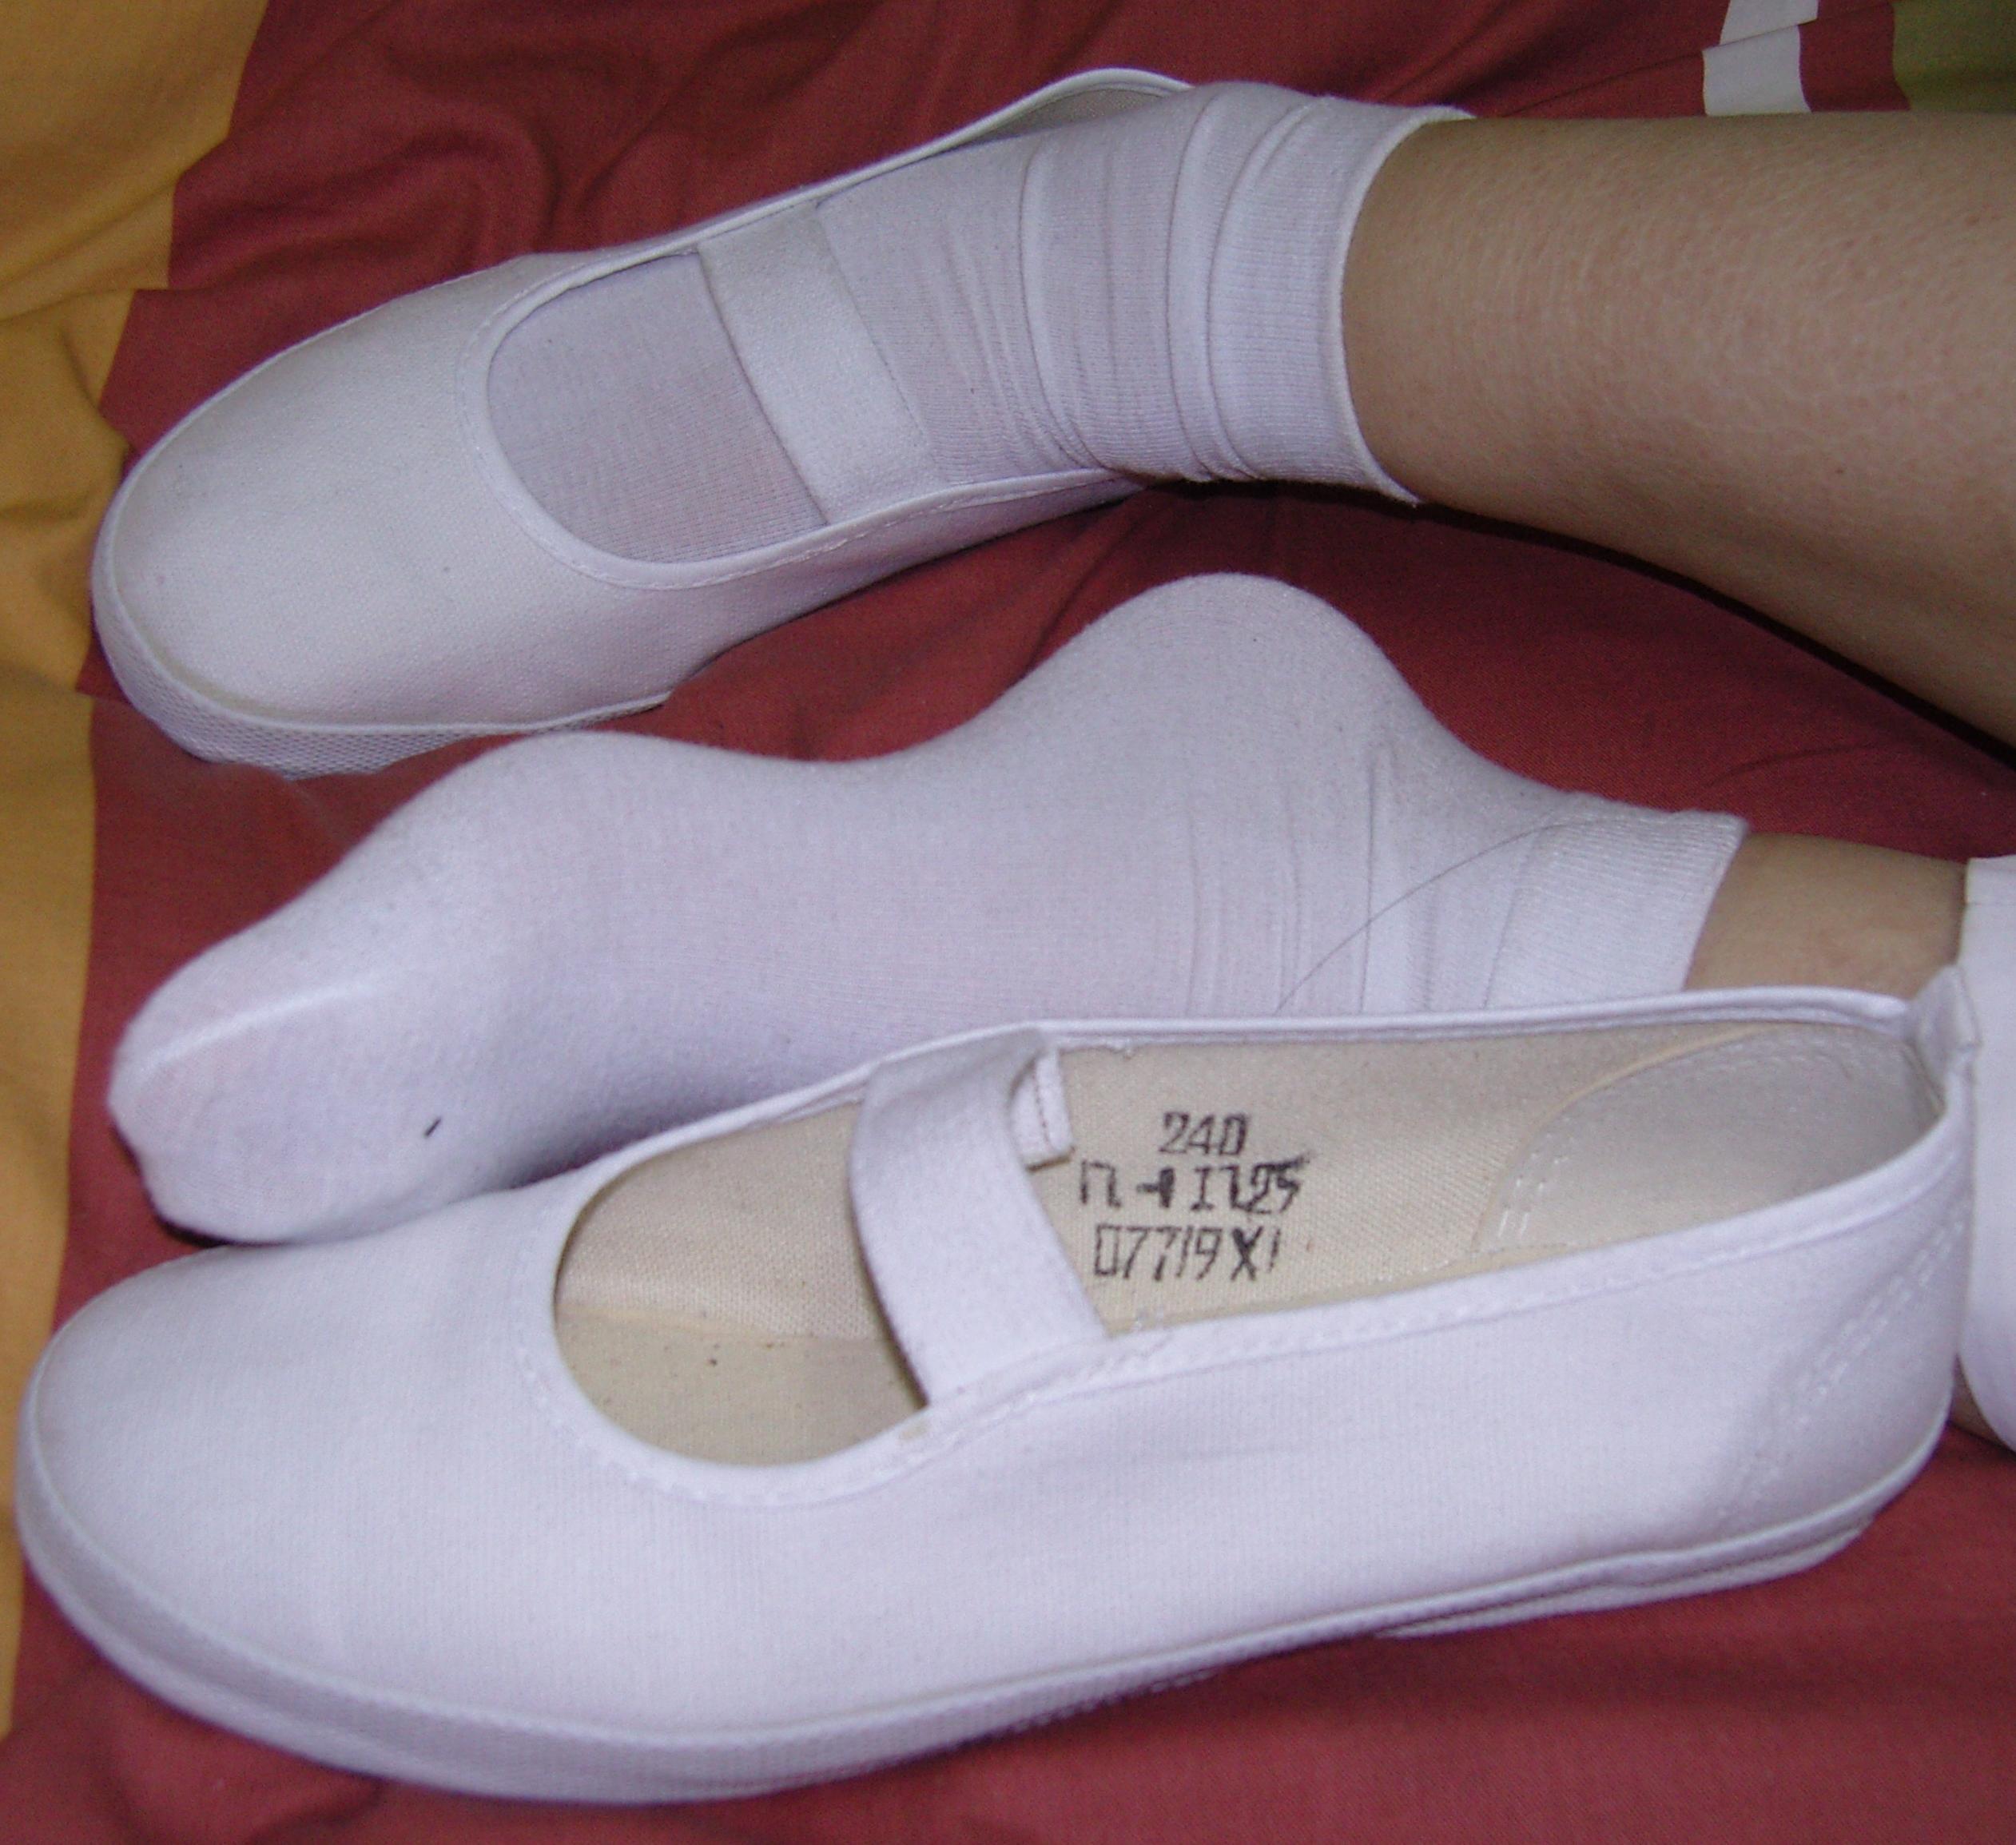 女生穿这样的白球鞋踢男生裆部